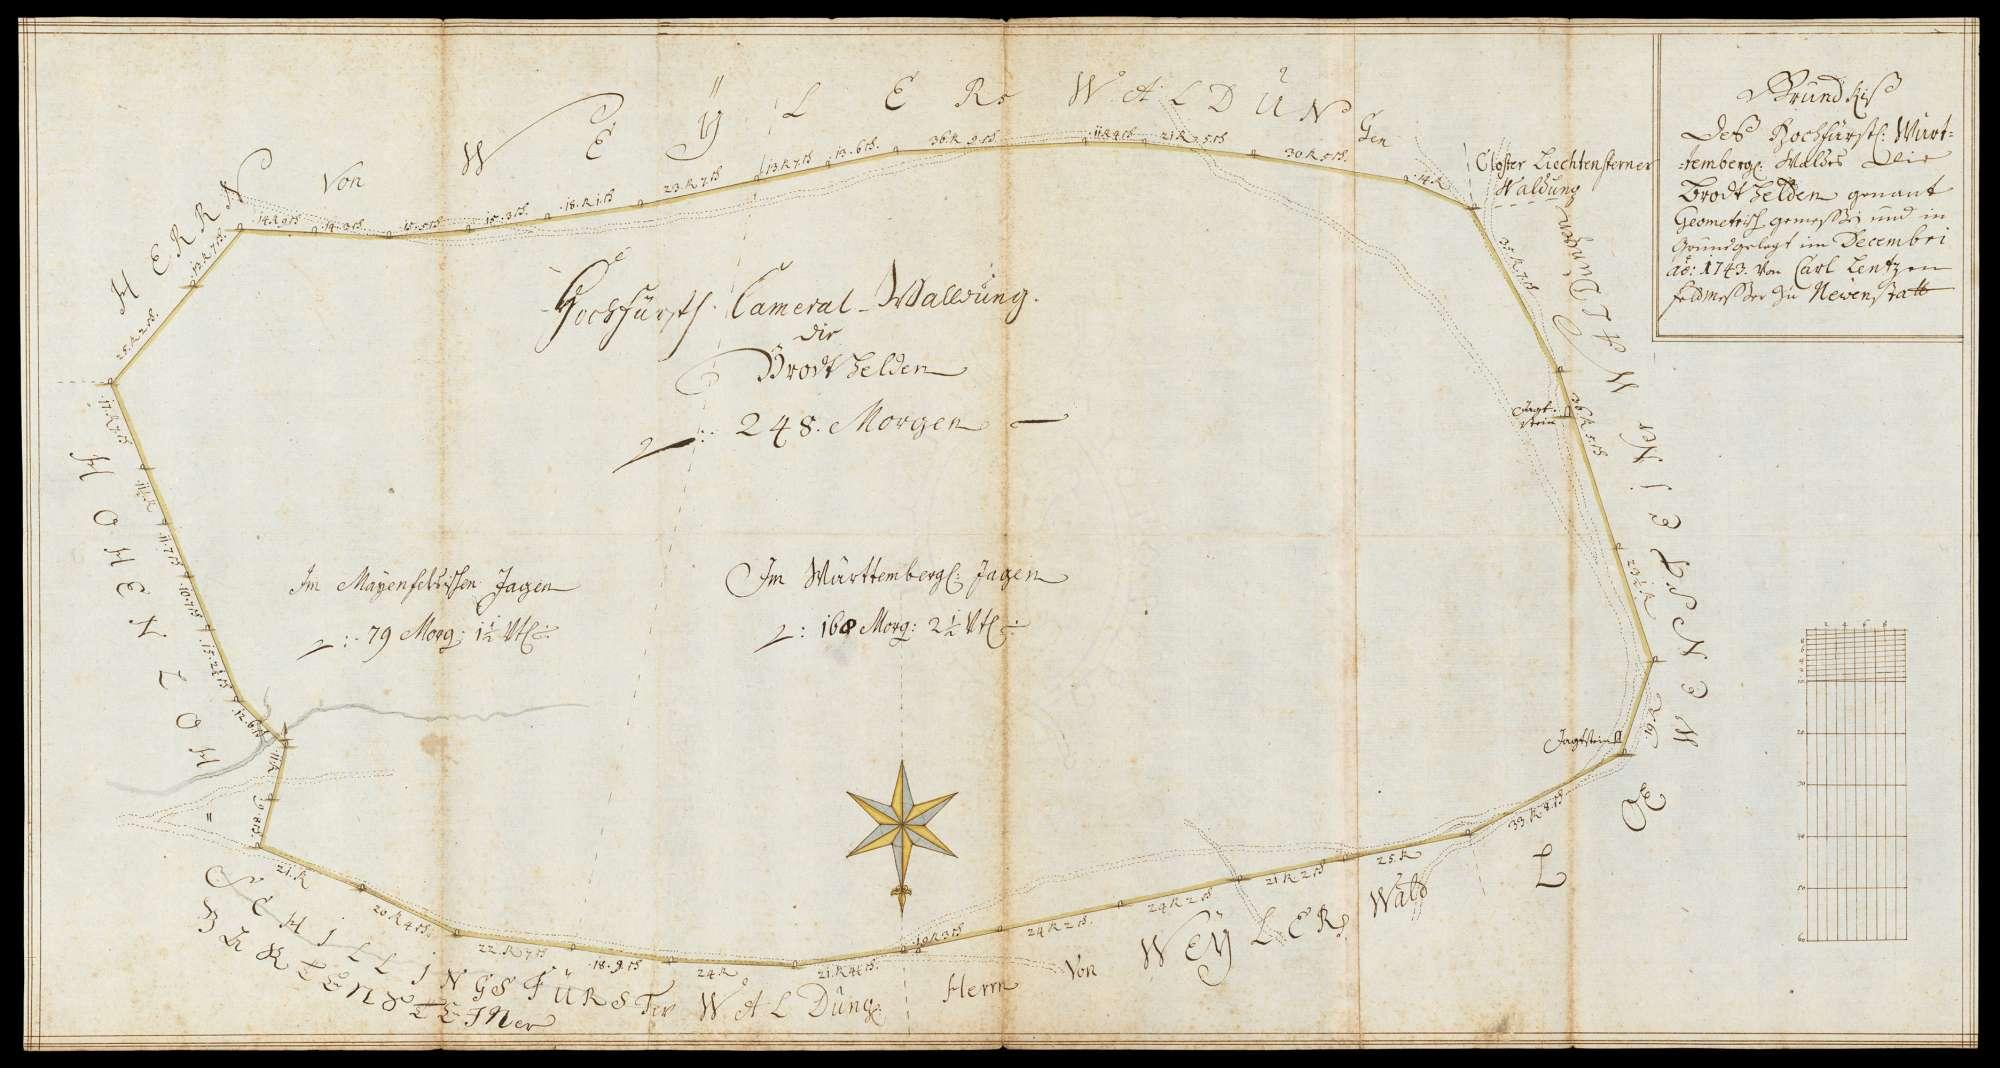 """[Revier Lichtenstern] """"Grundriß des hochfürstlich württembergischen Waldes, die Brodthelden genannt, geometrisch gemessen und in Grund gelegt im Decembri anno 1743 von Carl Lentzen, Feldmesser zu Newenstatt"""", Bild 1"""